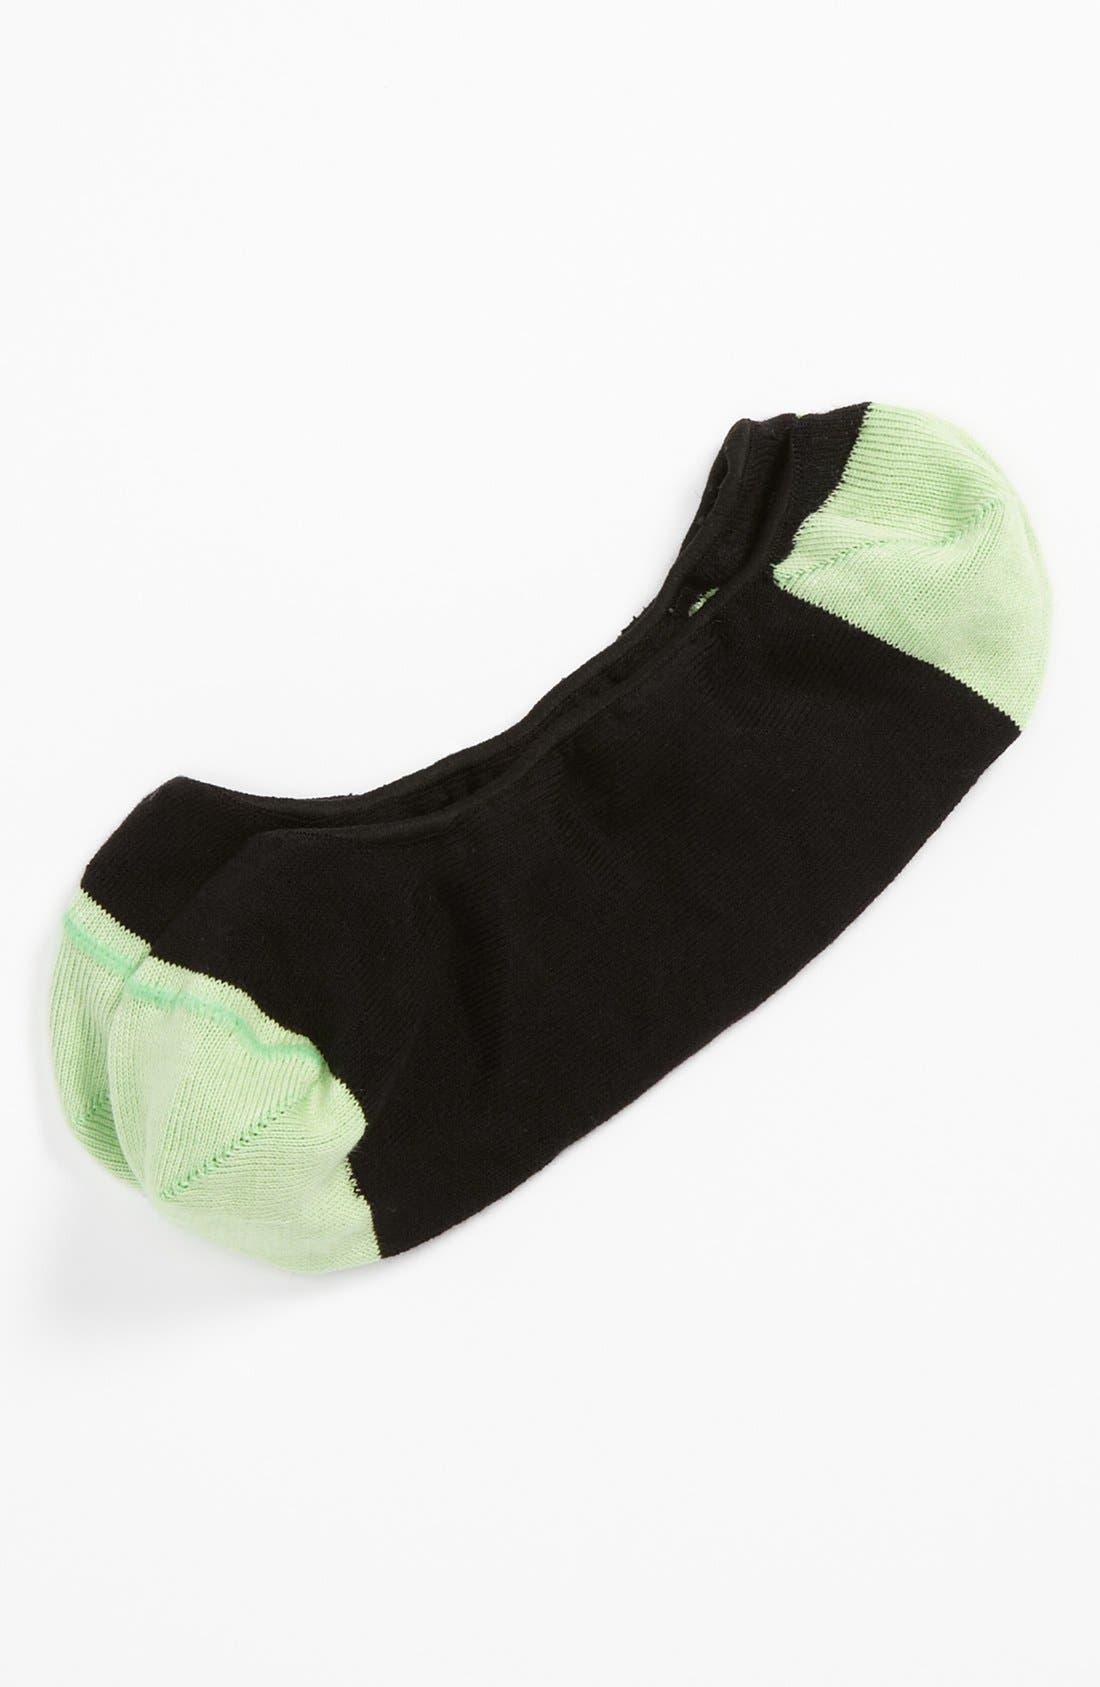 HOOK + ALBERT, Loafer Socks, Main thumbnail 1, color, 001